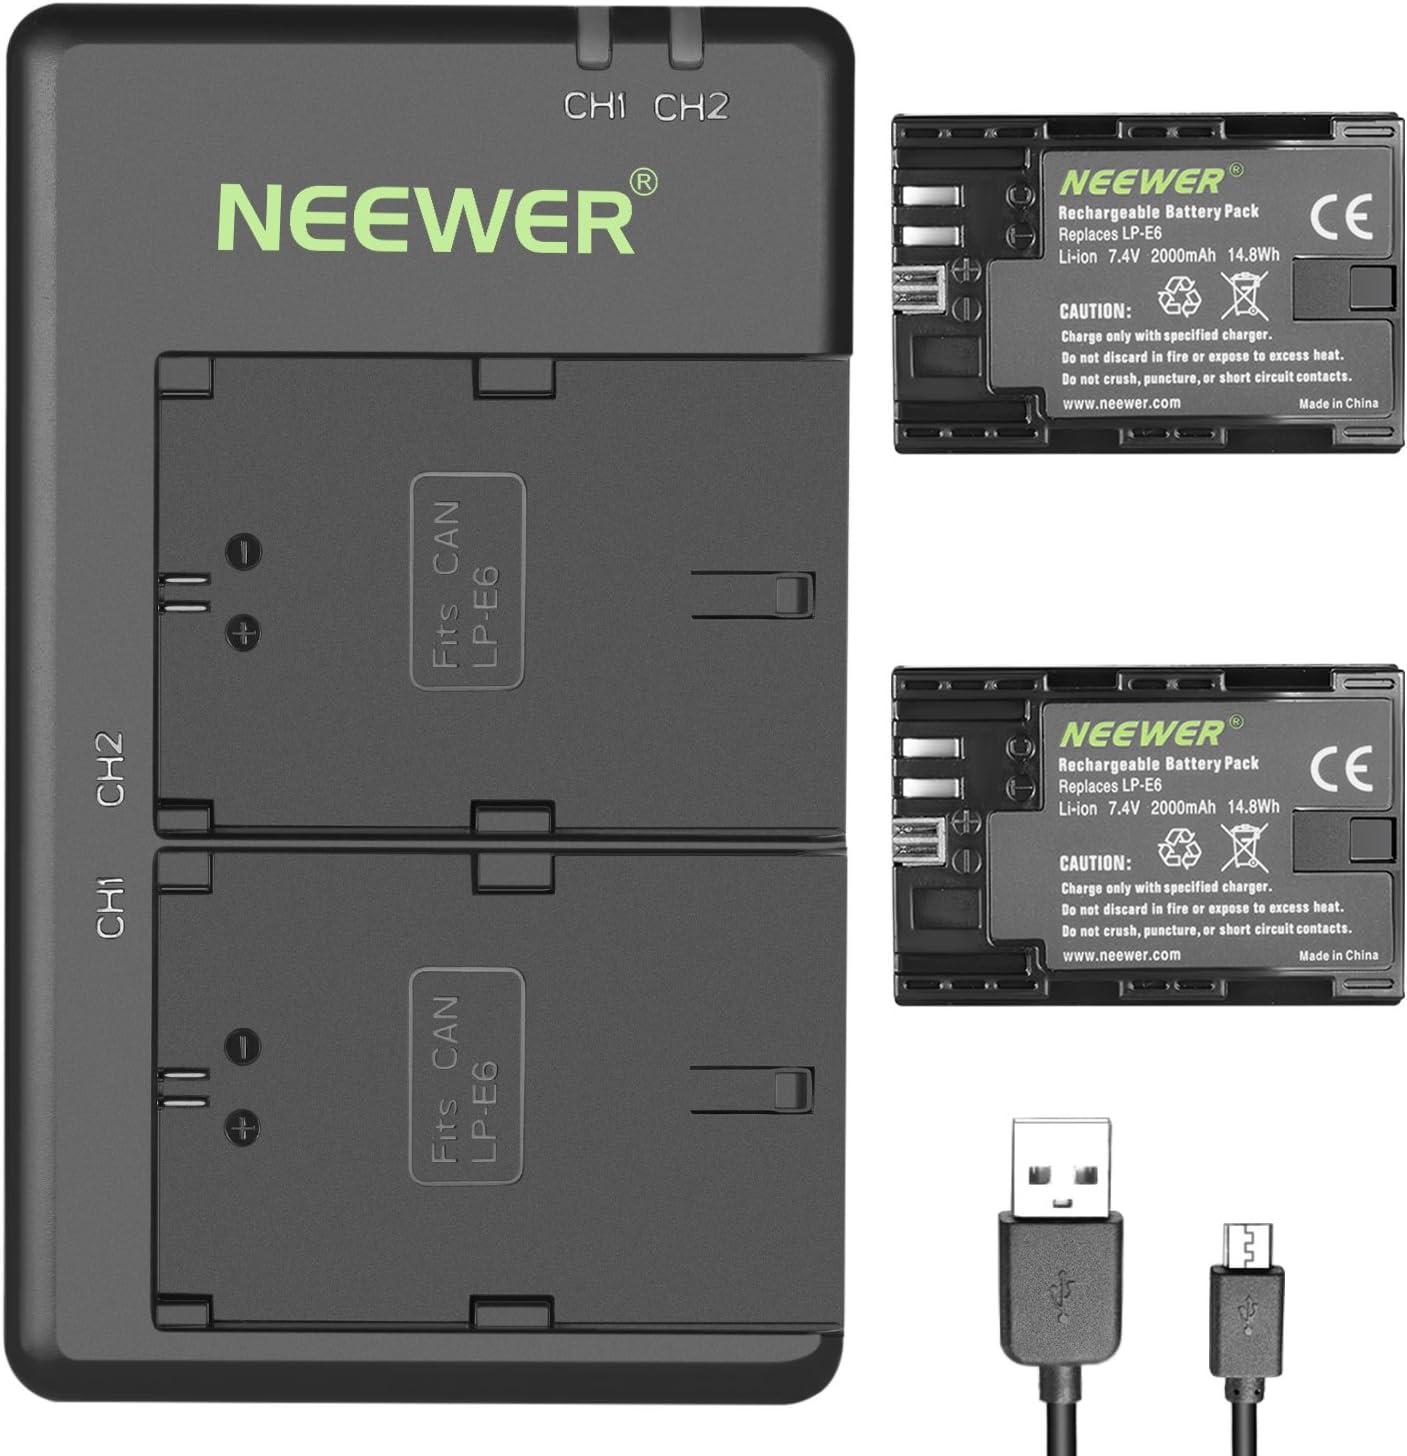 Neewer LP-E6 LP-E6N Juego Cargador de Batería Recargable para Canon 5D Mark II III IV 5Ds 6D 70D 80D y Más (2 Baterías de Cámara 2000 mAh Opción de Carga Versátil con